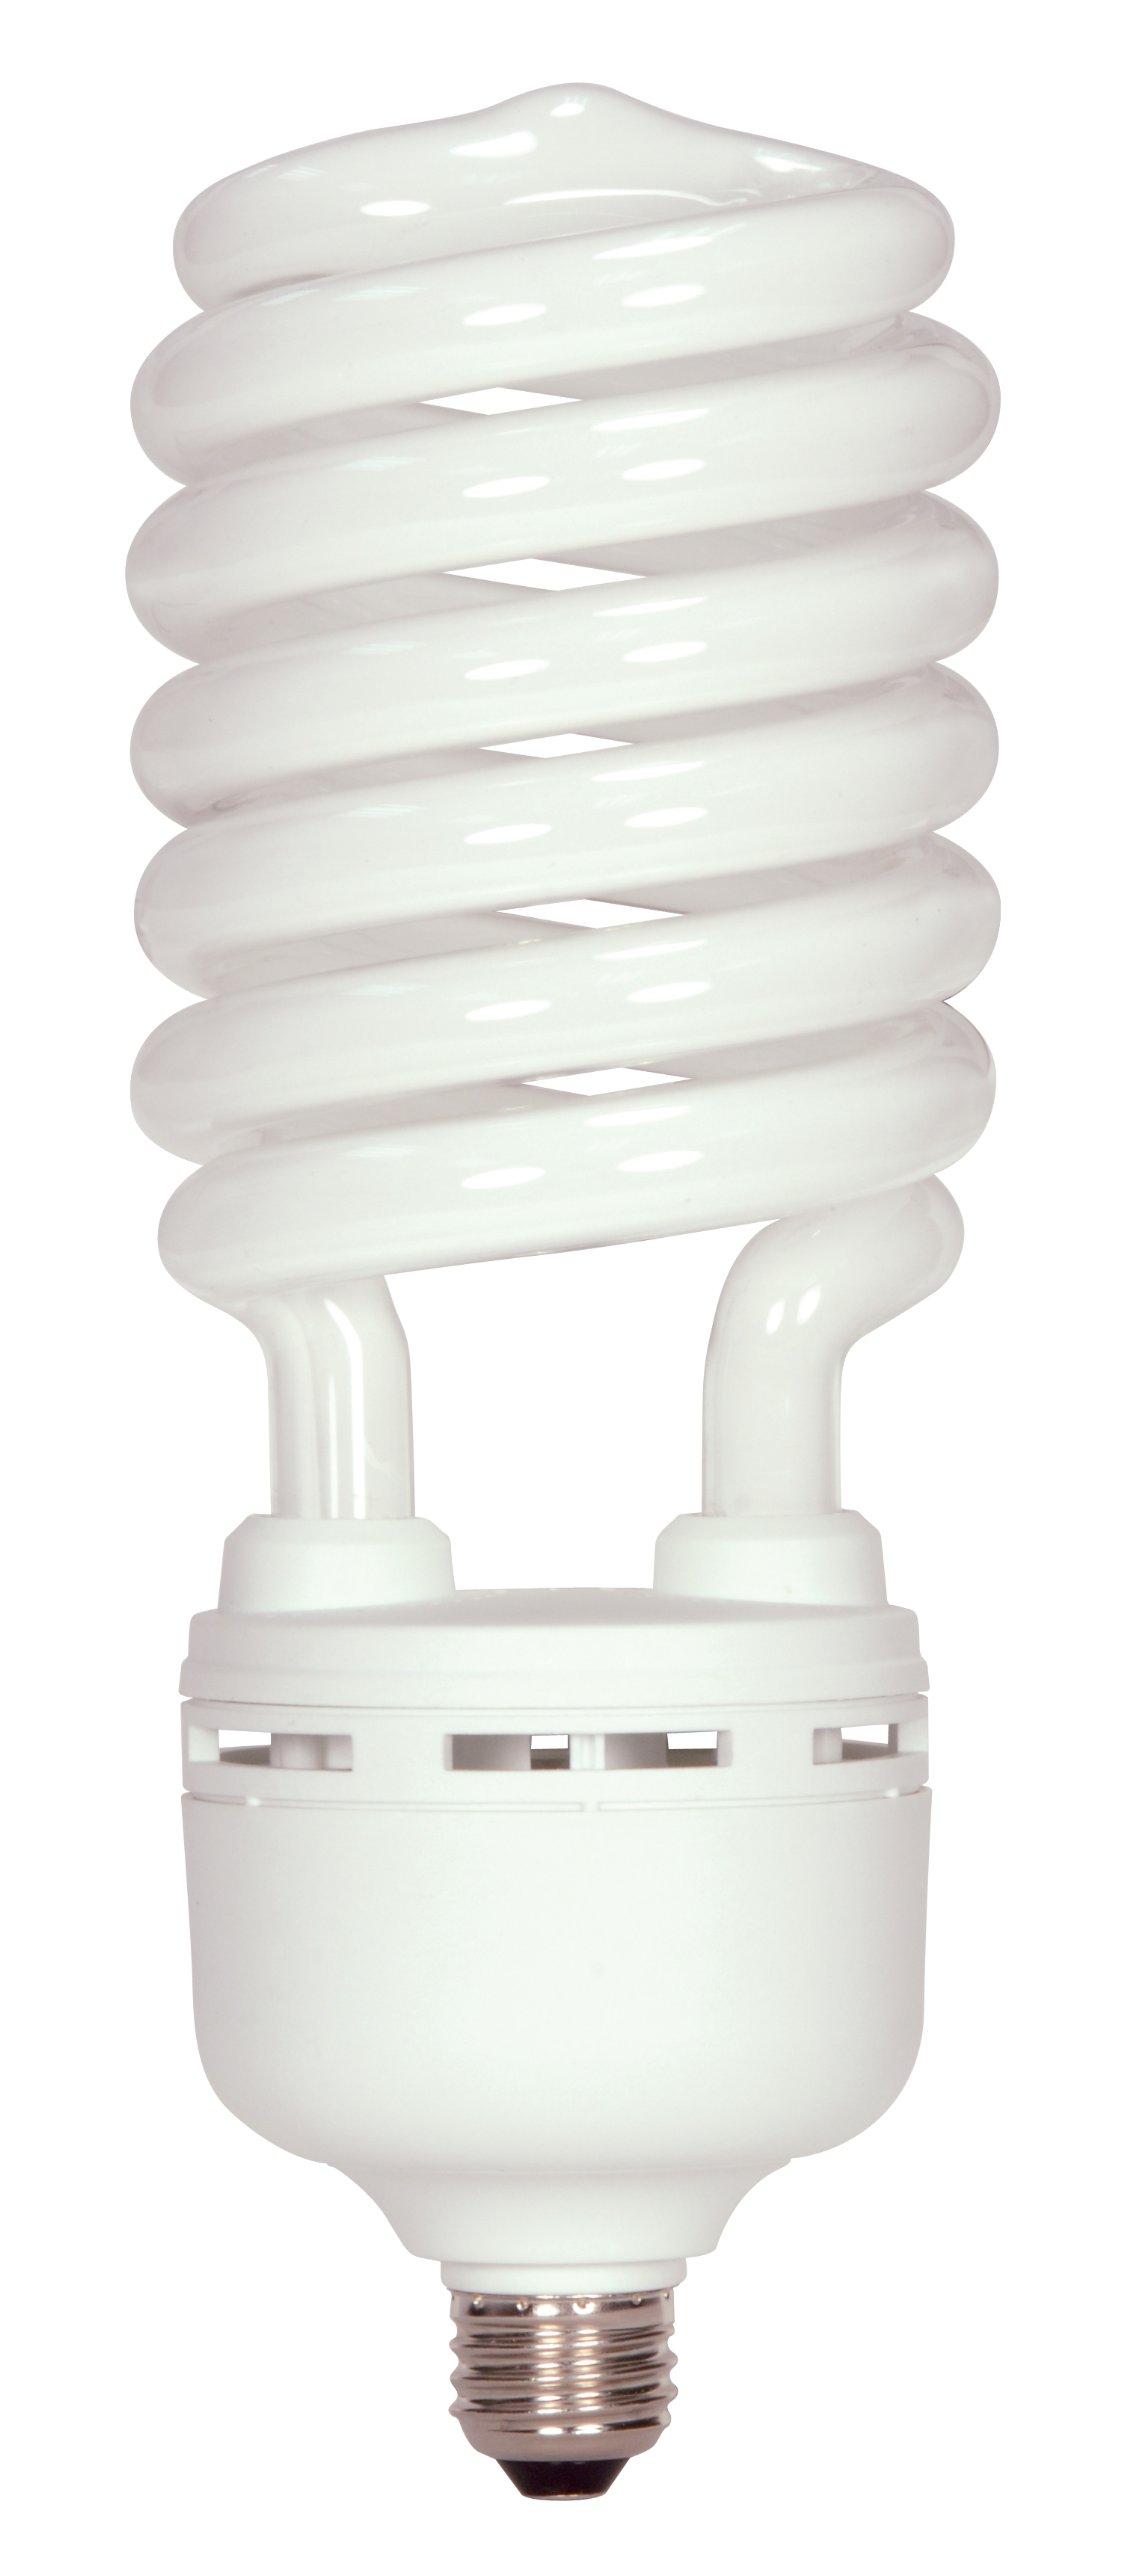 Satco S7377 105 Watt (400 Watt) 7000 Lumens Hi-Pro Spiral CFL Daylight White 5000K  Medium Base 120 Volt Light Bulb